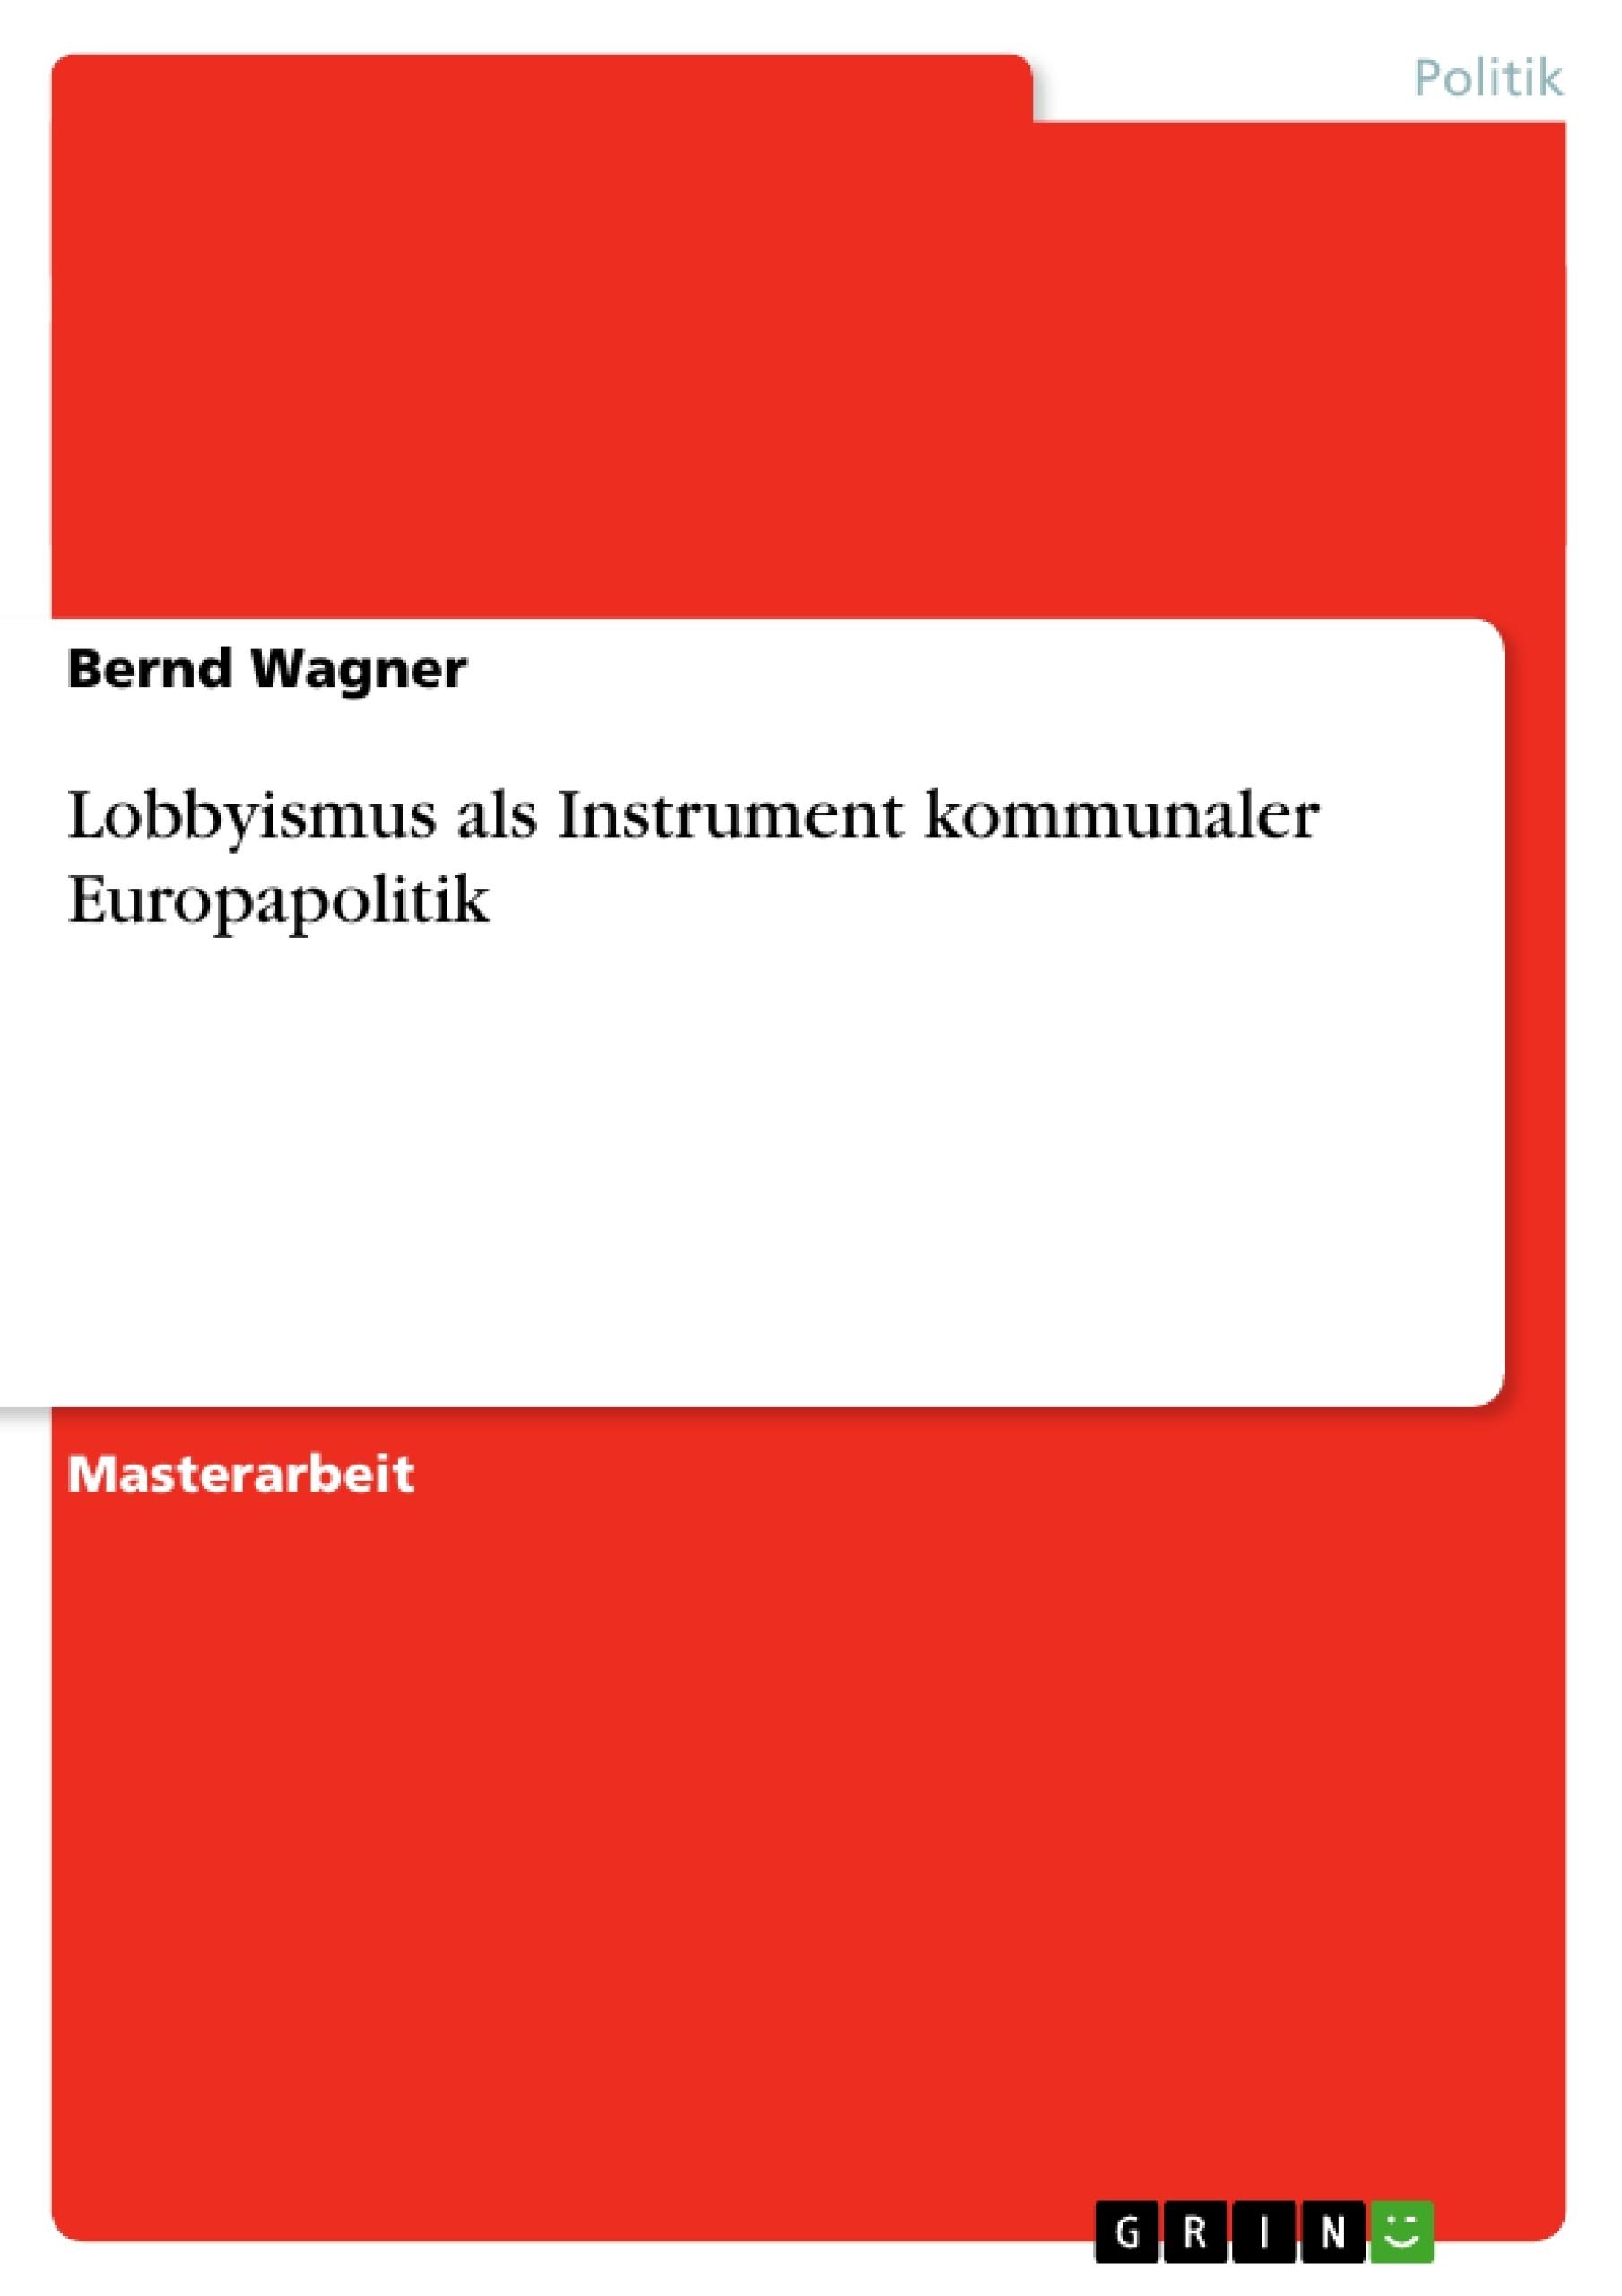 Titel: Lobbyismus als Instrument kommunaler Europapolitik